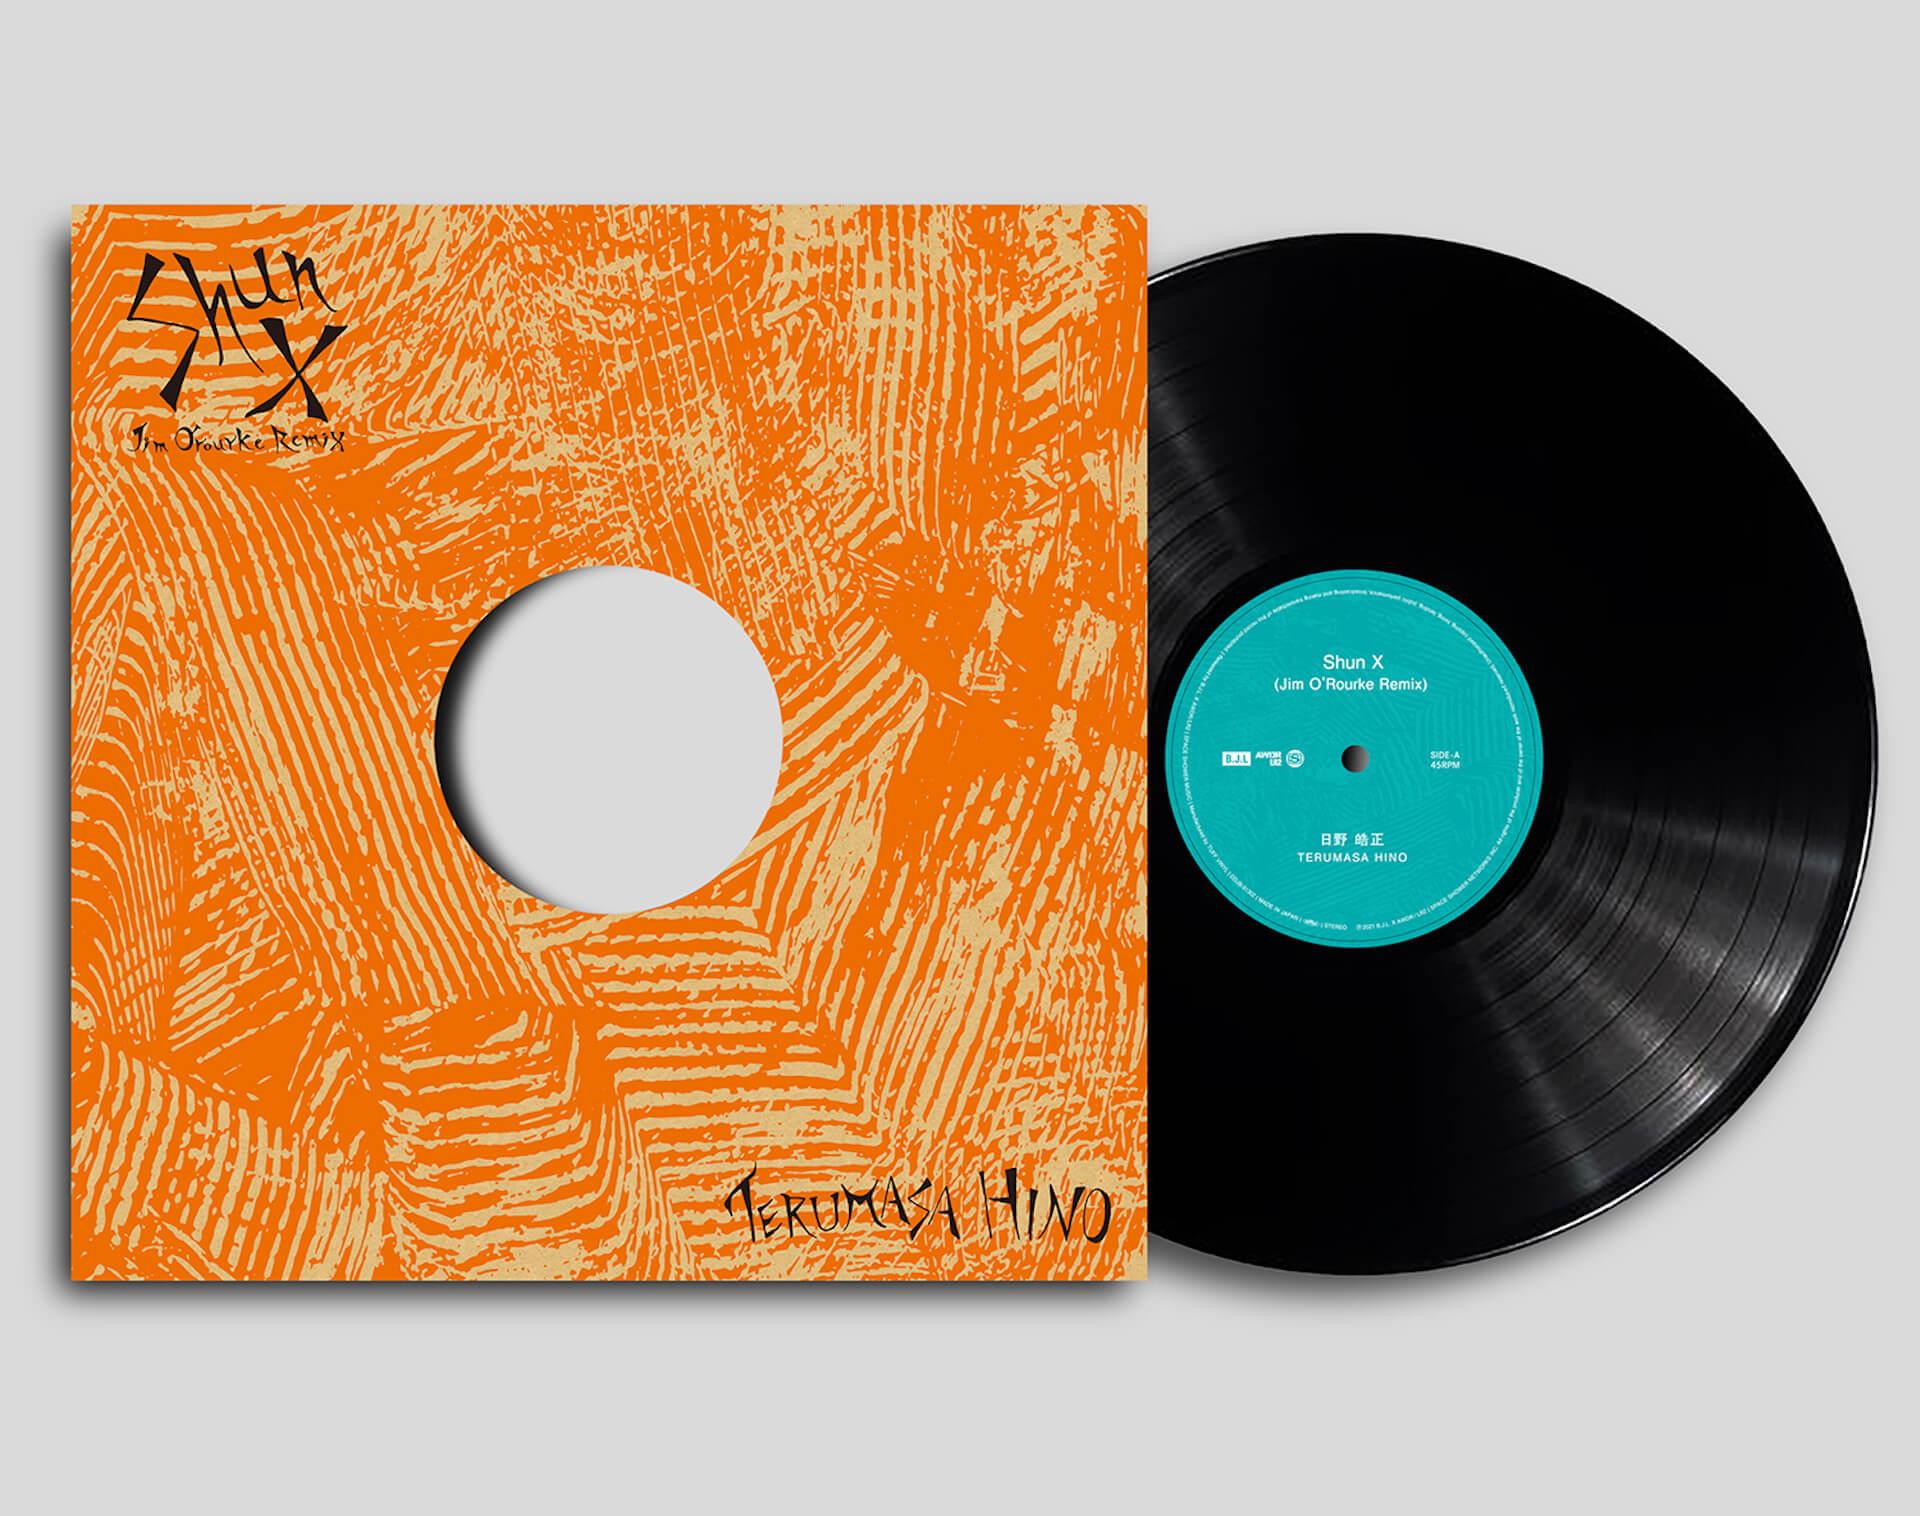 """日野皓正の楽曲""""Shun""""をJim O'Rourkeがリミックス!Cut Chemistによる""""Beyond The Mirage""""のリミックスをパッケージした12インチも発売 music210623_hinoterumasa_jimorourke_6"""